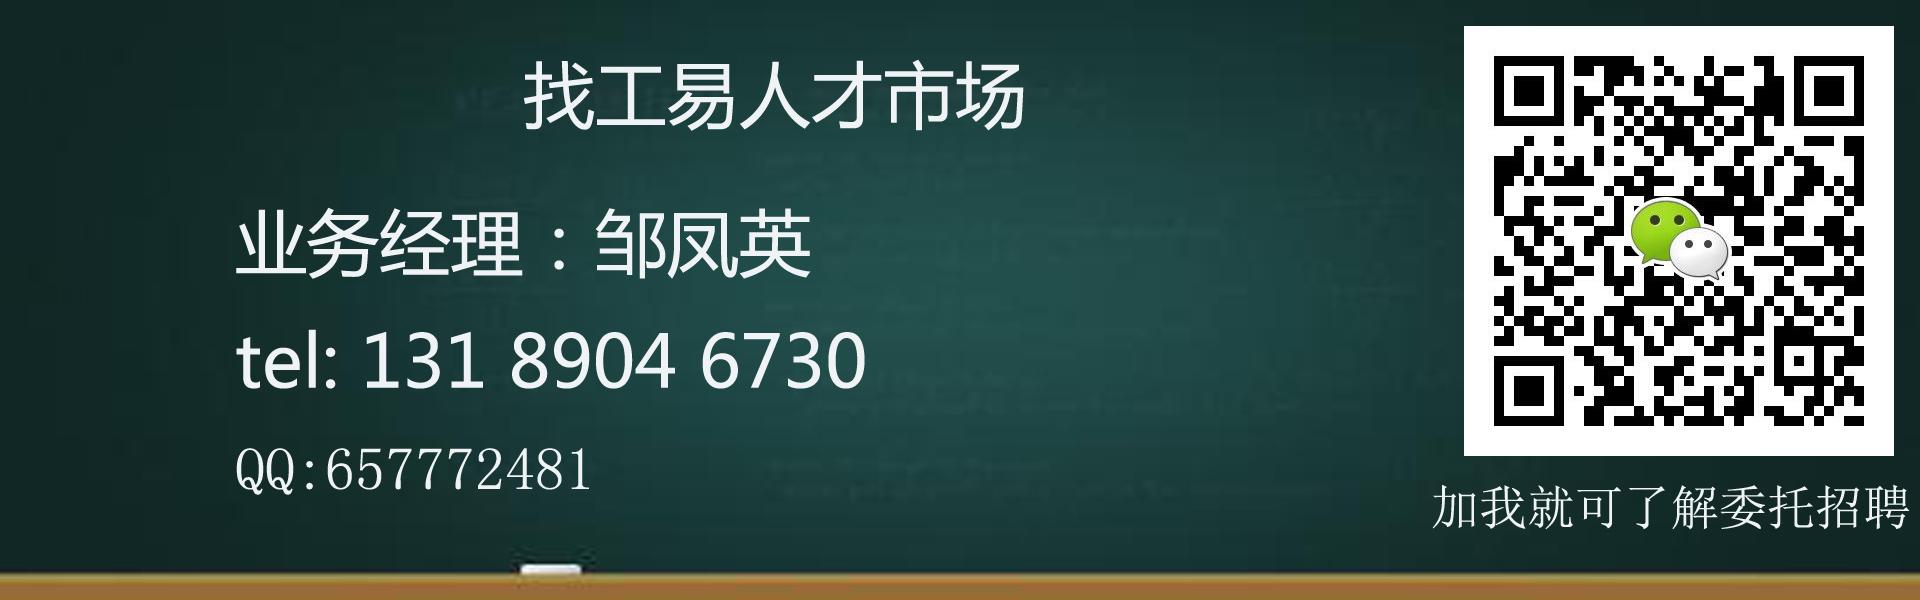 找工易人才市场,业务经理邹凤英,电话:13189046730